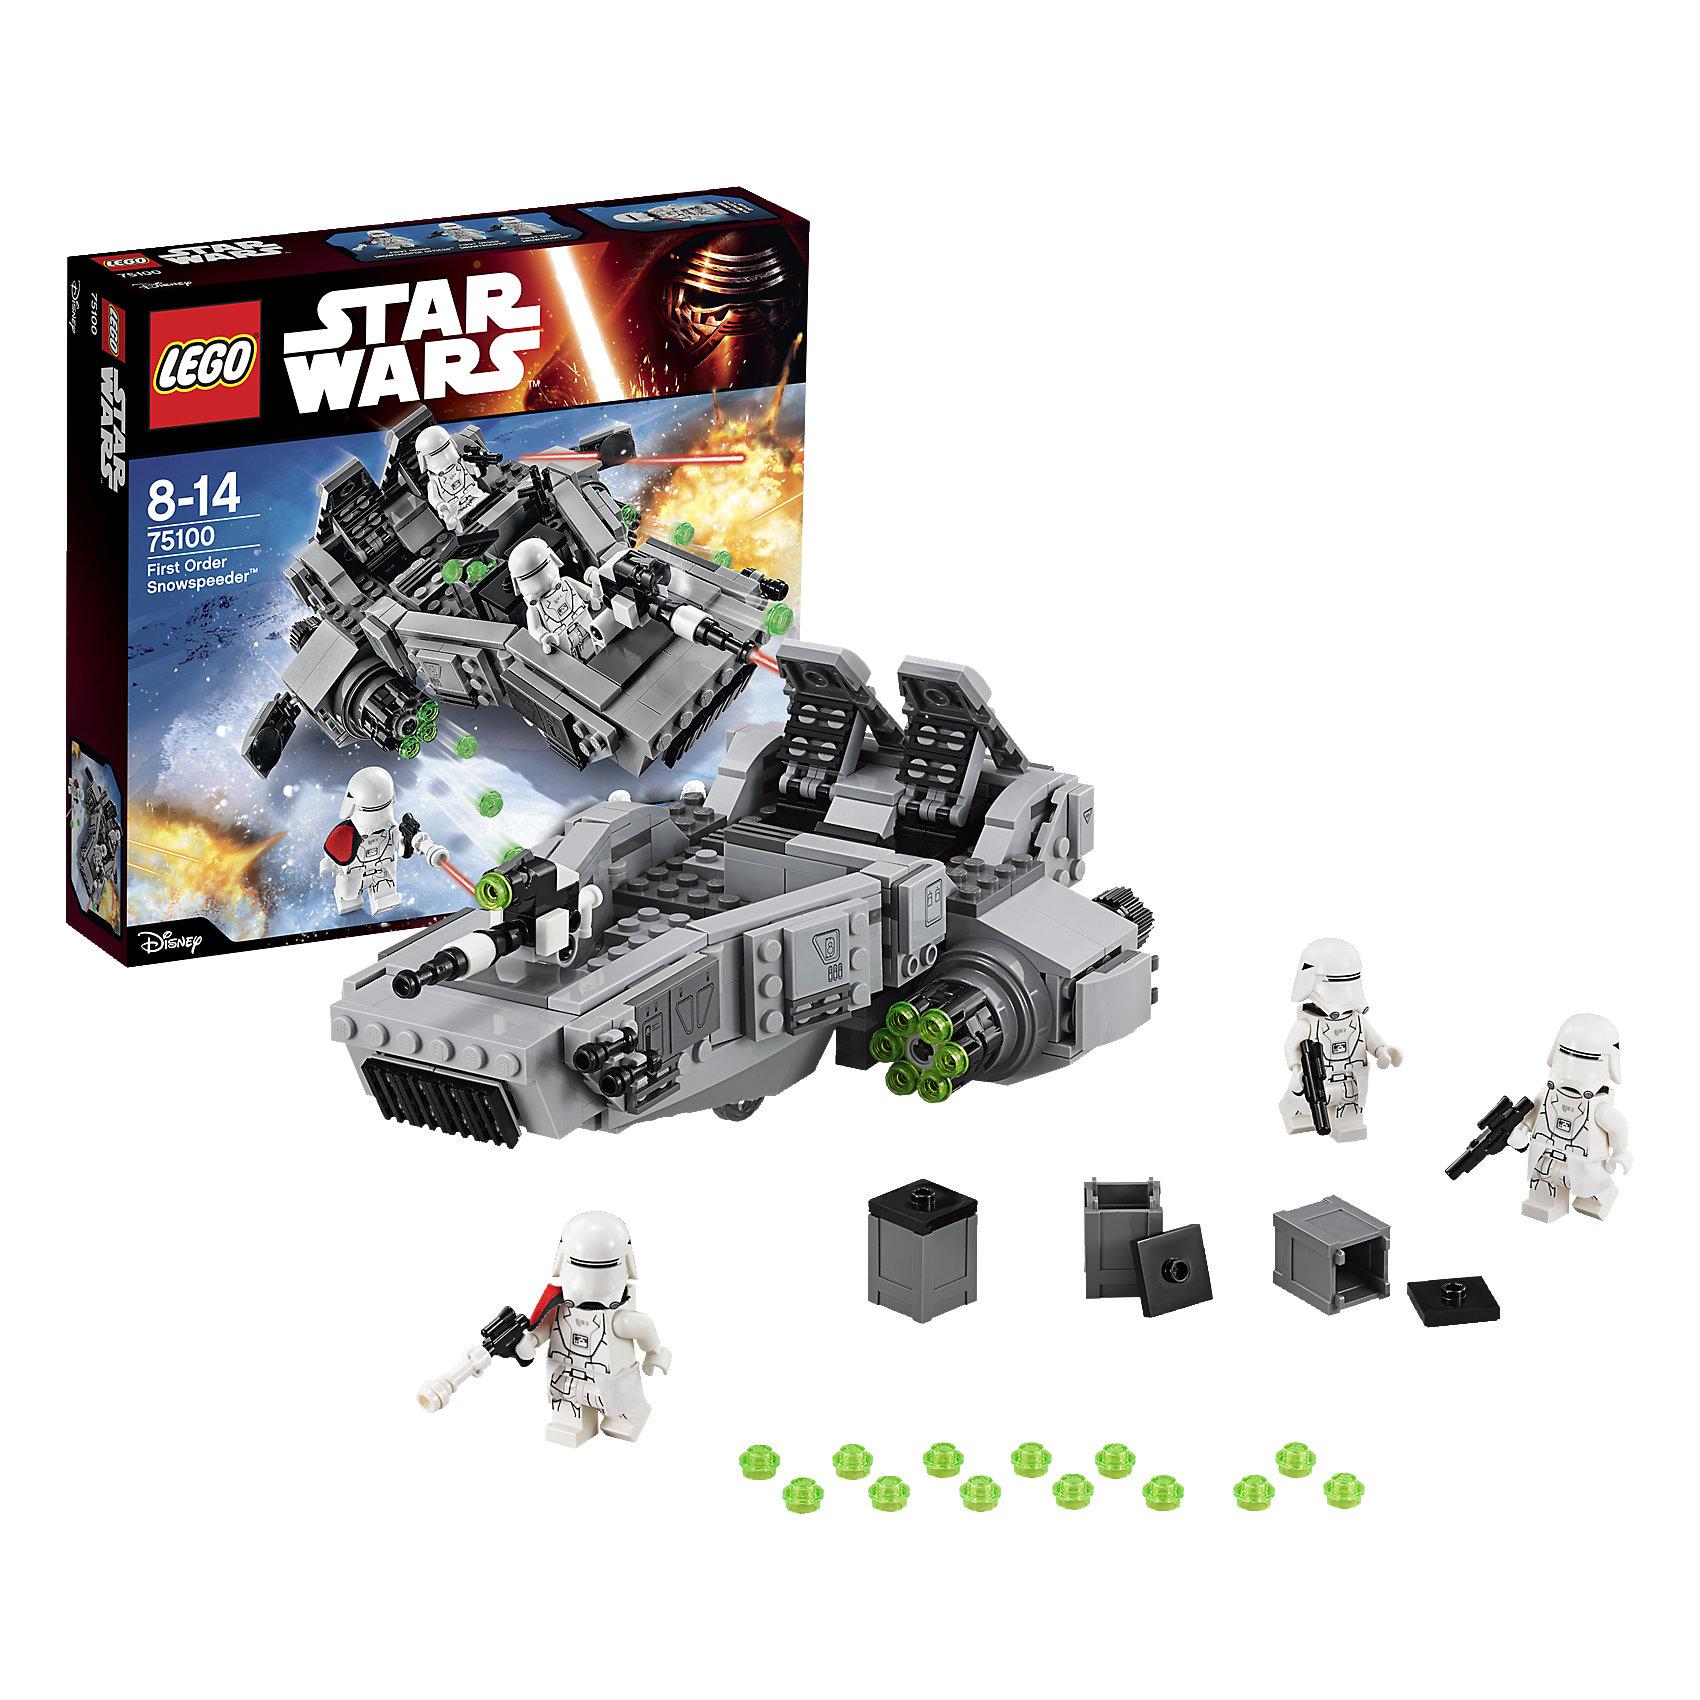 LEGO Star Wars 75100: Снежный спидер Первого ОрденаПластмассовые конструкторы<br>LEGO Star Wars (ЛЕГО Звездные Войны) 75100: Снежный спидер Первого Ордена – мощная боевая машина пехоты Первого Ордена, достойная того, чтобы пополнить коллекцию фанатов саги «Звездные войны»! Спидер предназначен для планетарных военных операций на заснеженных территориях, оснащен мощными репульсорами, поднимающими машину на несколько метров над поверхностью земли, тремя скорострельными пушками и большим отсеком-хранилищем, вынесенным в переднюю часть аппарата. Модель спидера выполнена с традиционной для ЛЕГО высокой точностью воспроизведения деталей и элементов дизайна транспортных средств.<br><br>Комплектация: 444 детали, 3 минифигурки: 2 снежных пехотинца и офицер пехоты Первого Порядка<br> <br>Дополнительная информация:<br>-Серия: Звездные войны<br>-Размер в упаковке: 5,9х28,2х26,2 см<br>-Вес в упаковке: 560 г<br>-Количество деталей: 444 шт.<br>-Материалы: пластик<br><br>С набором LEGO Star Wars (ЛЕГО Звездные Войны) 75100: Снежный спидер Первого Ордена теперь и ты сможешь разыгрывать эпические сцены из фильма «Звёздные Войны: Пробуждение Силы»!<br><br>LEGO Star Wars (ЛЕГО Звездные Войны) 75100: Снежный спидер Первого Ордена можно купить в нашем магазине.<br><br>Ширина мм: 284<br>Глубина мм: 263<br>Высота мм: 63<br>Вес г: 606<br>Возраст от месяцев: 72<br>Возраст до месяцев: 144<br>Пол: Мужской<br>Возраст: Детский<br>SKU: 4047422